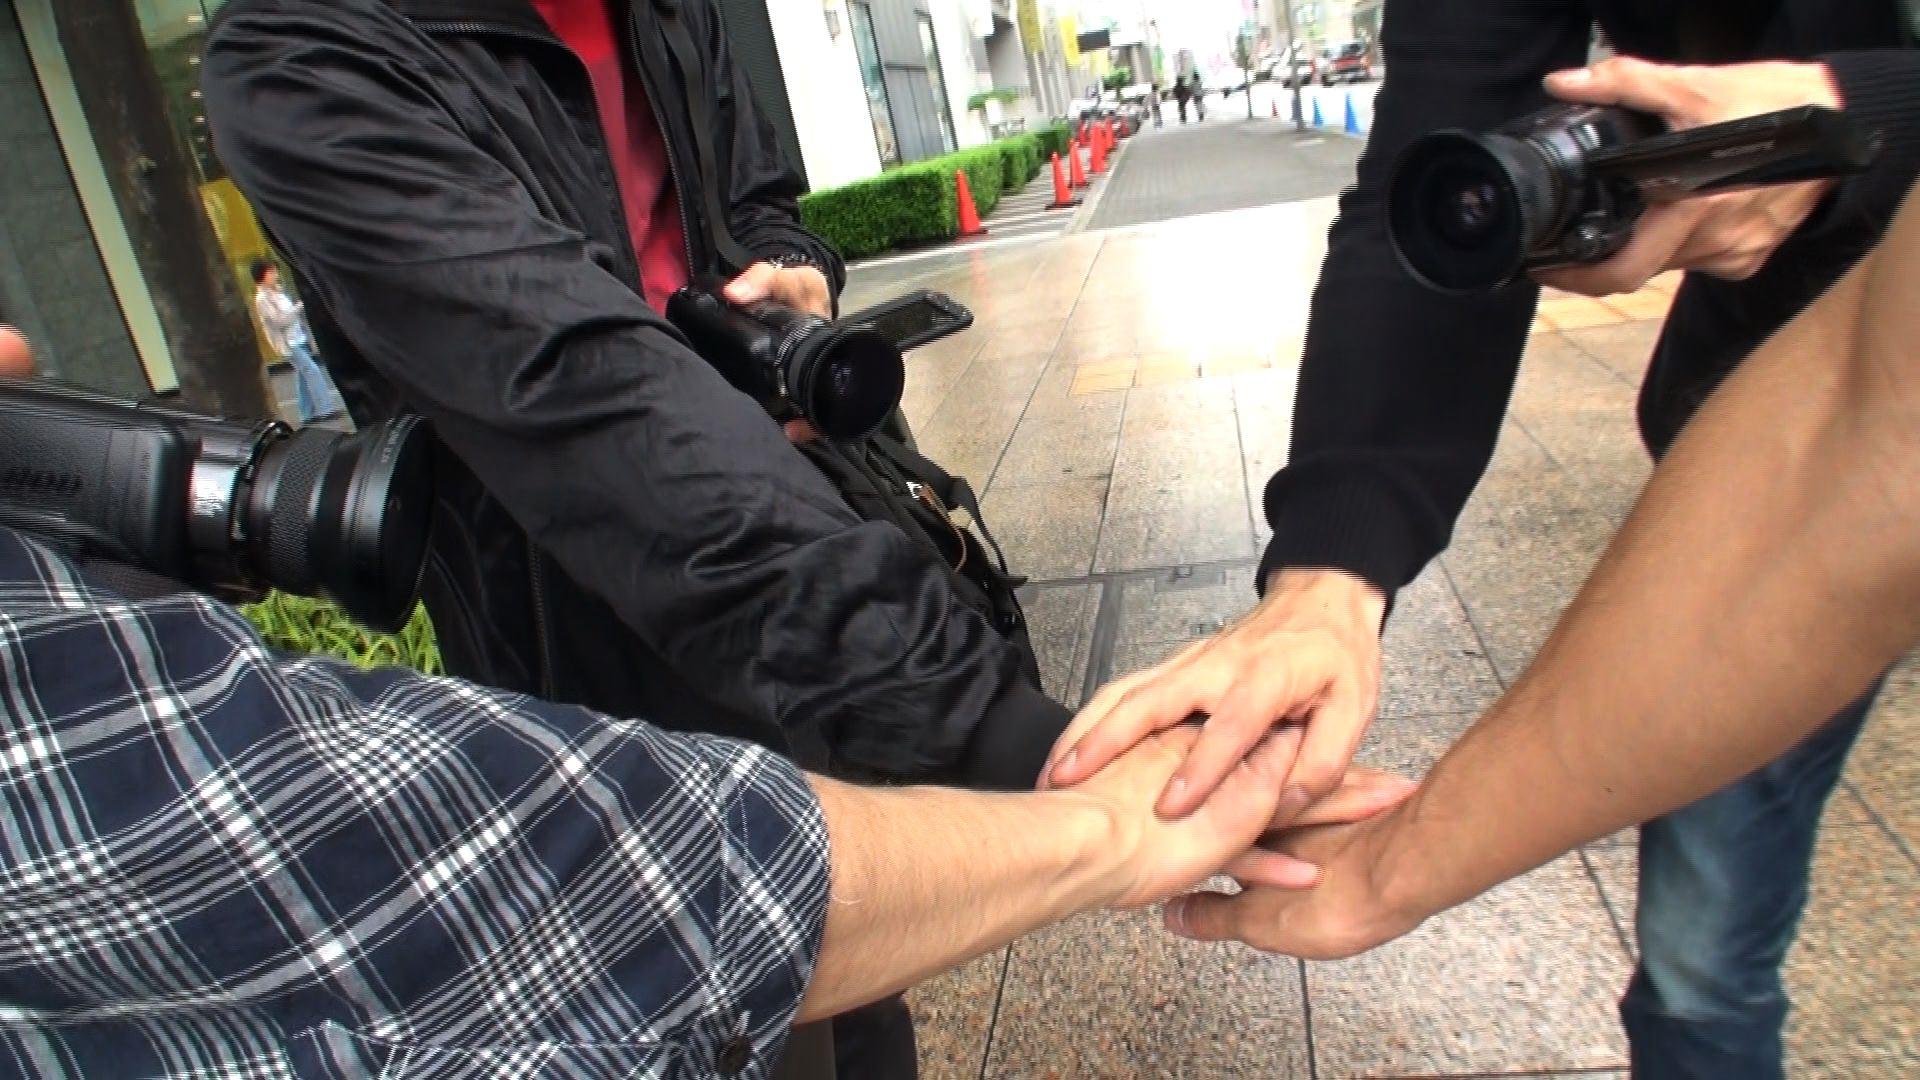 巨乳スカウトキャラバン オッパイ見ぃ〜せて☆ 東京、名古屋 梅雨の陣